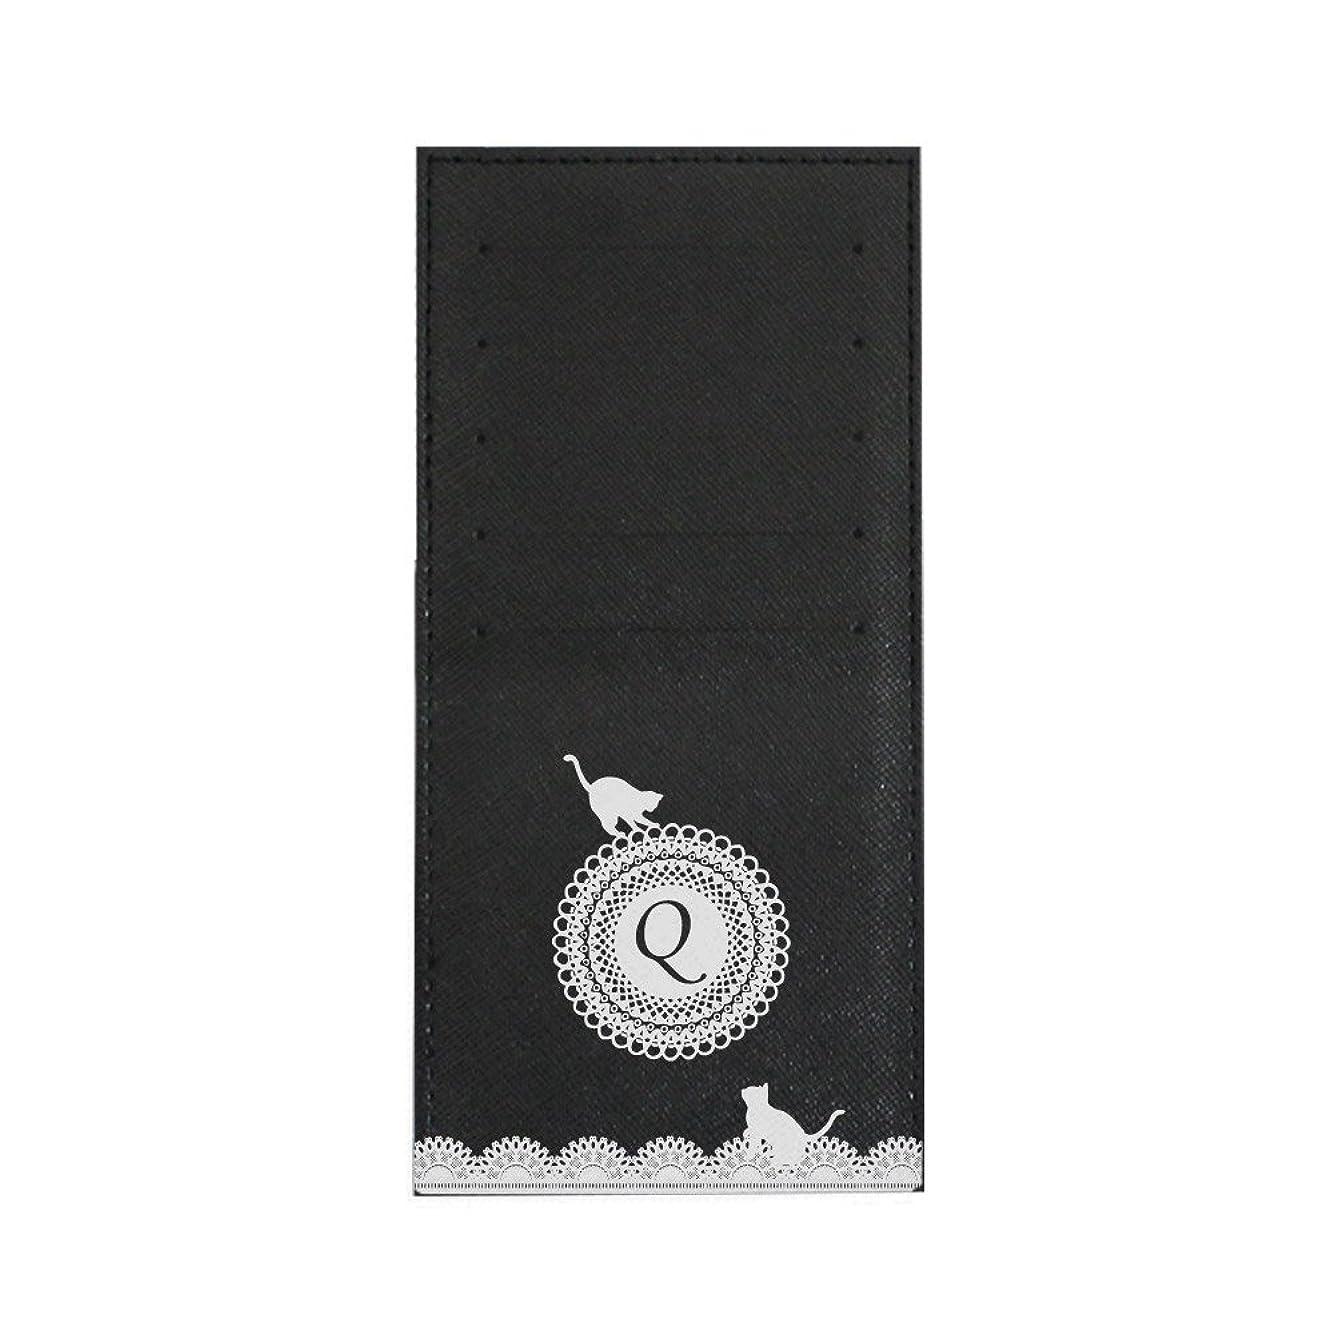 いじめっ子解決エキスパートインナーカードケース 長財布用カードケース 10枚収納可能 カード入れ 収納 プレゼント ギフト 3021レースネーム ( Q ) ブラック mirai